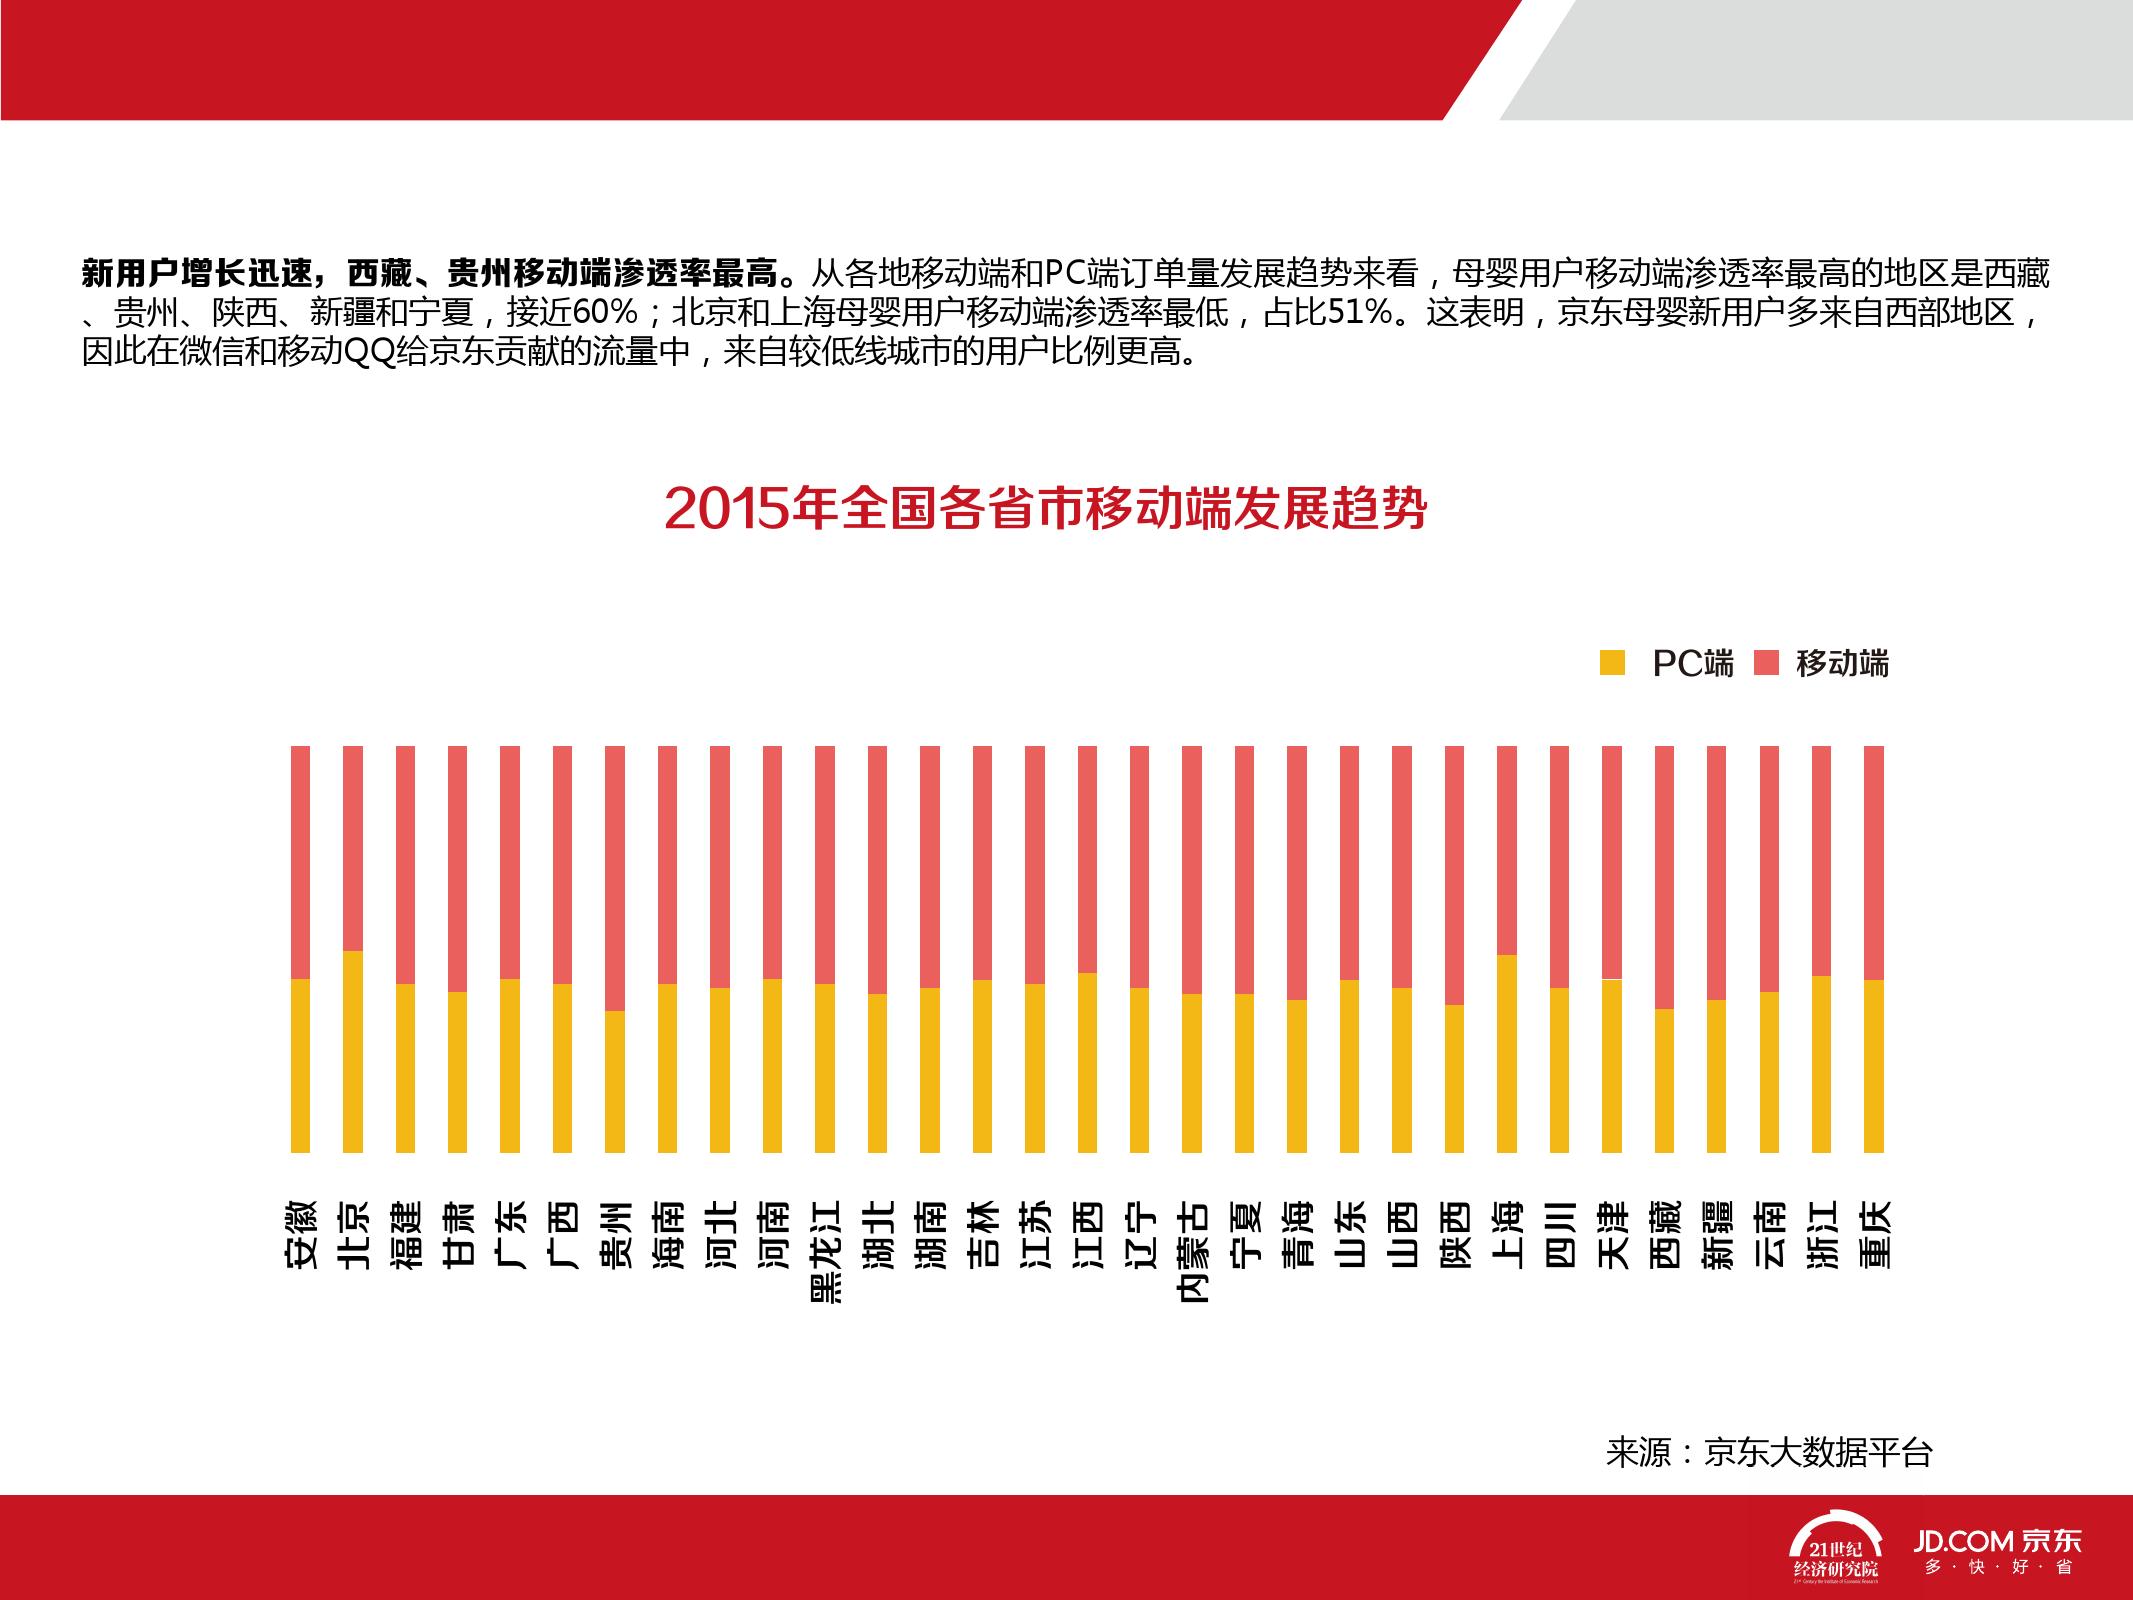 2016中国母婴产品消费趋势报告_000024